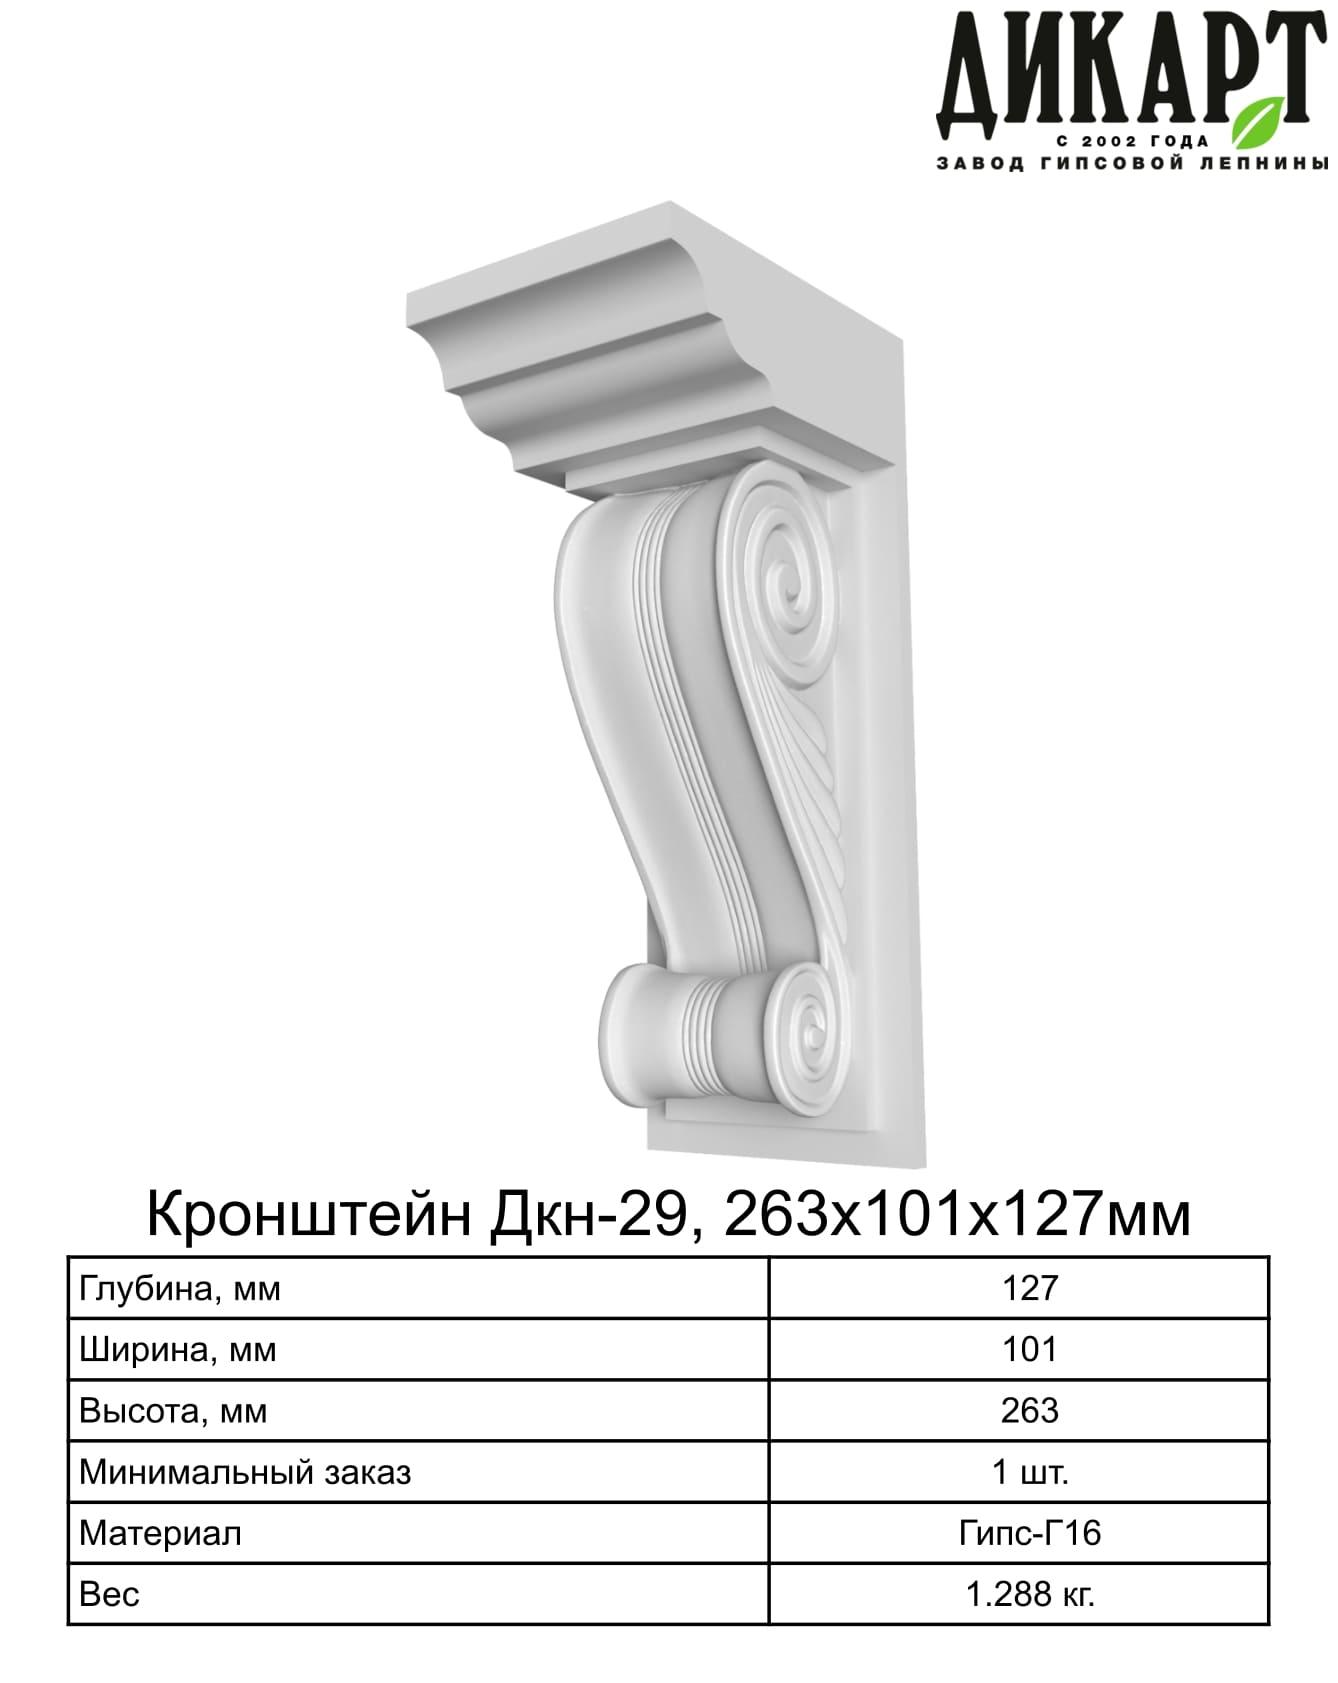 Кронштейн_Дкн-29